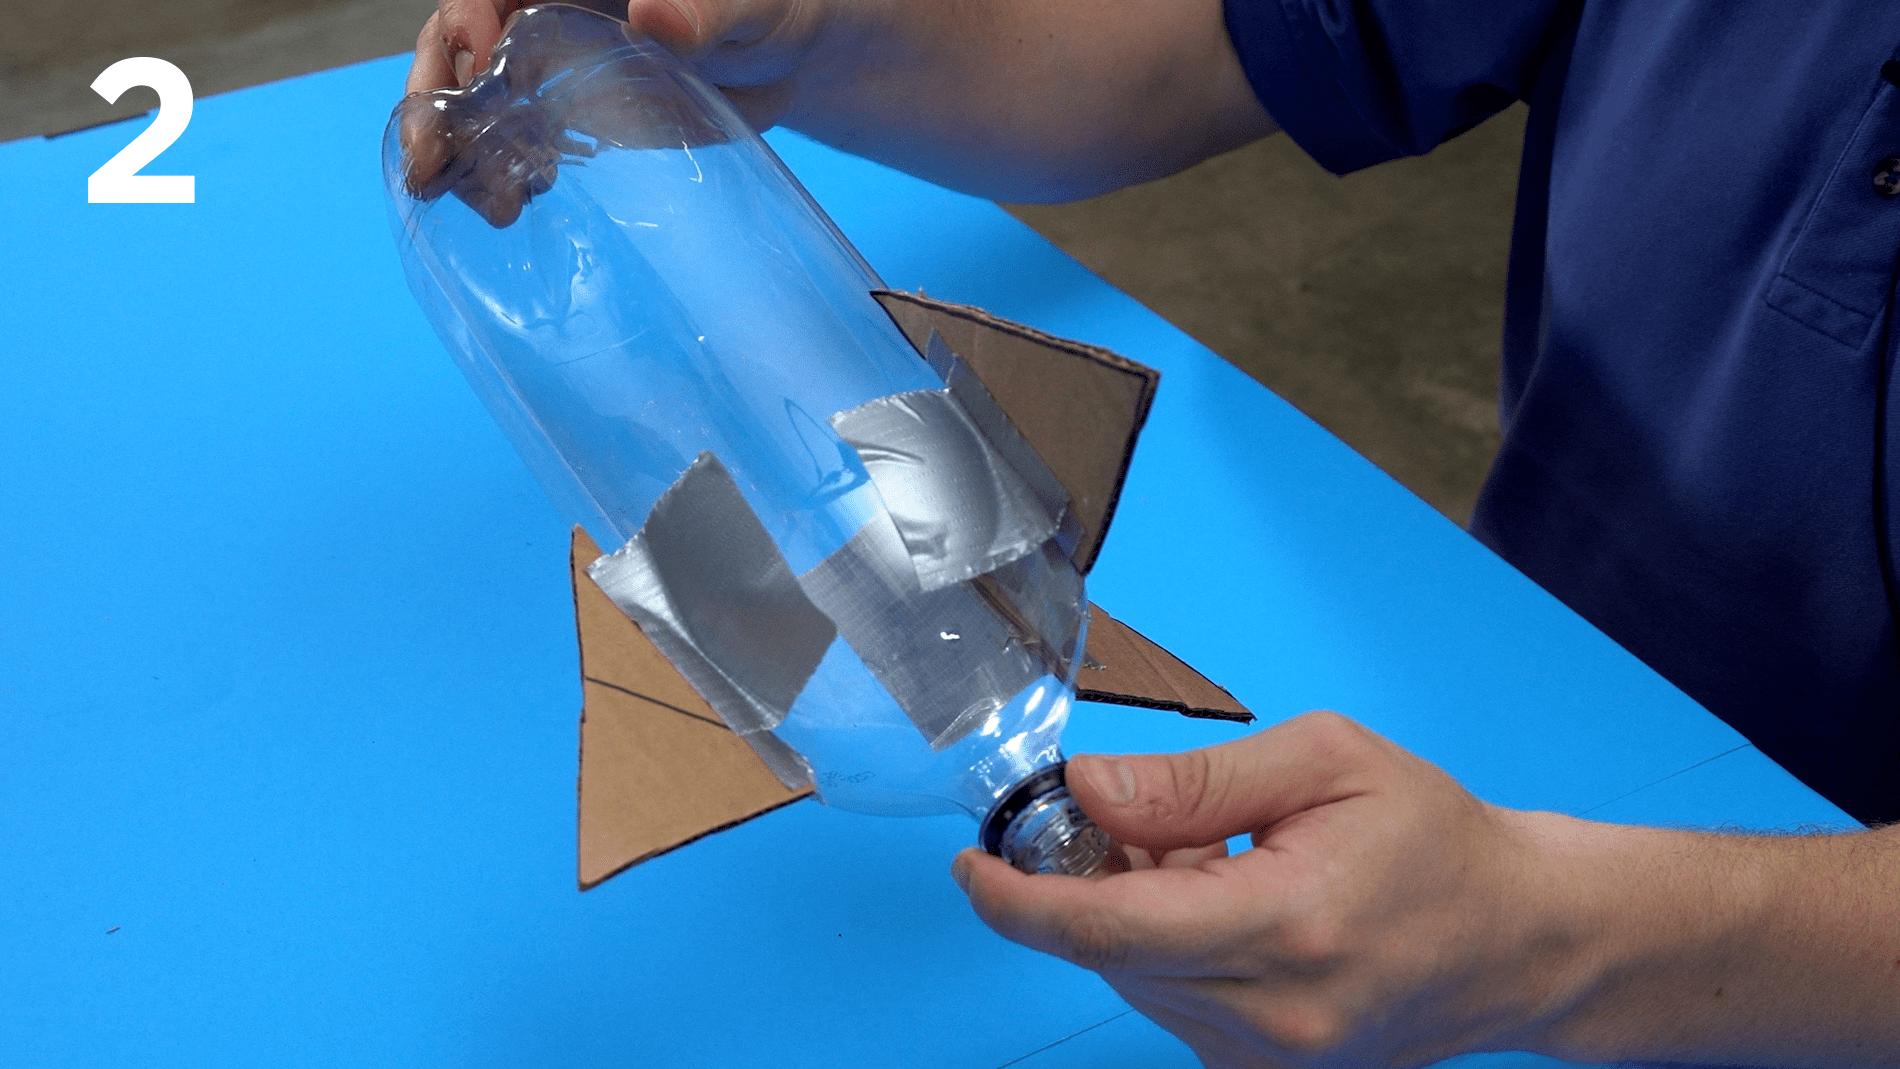 STEM at Home: Bottle Rocket 2